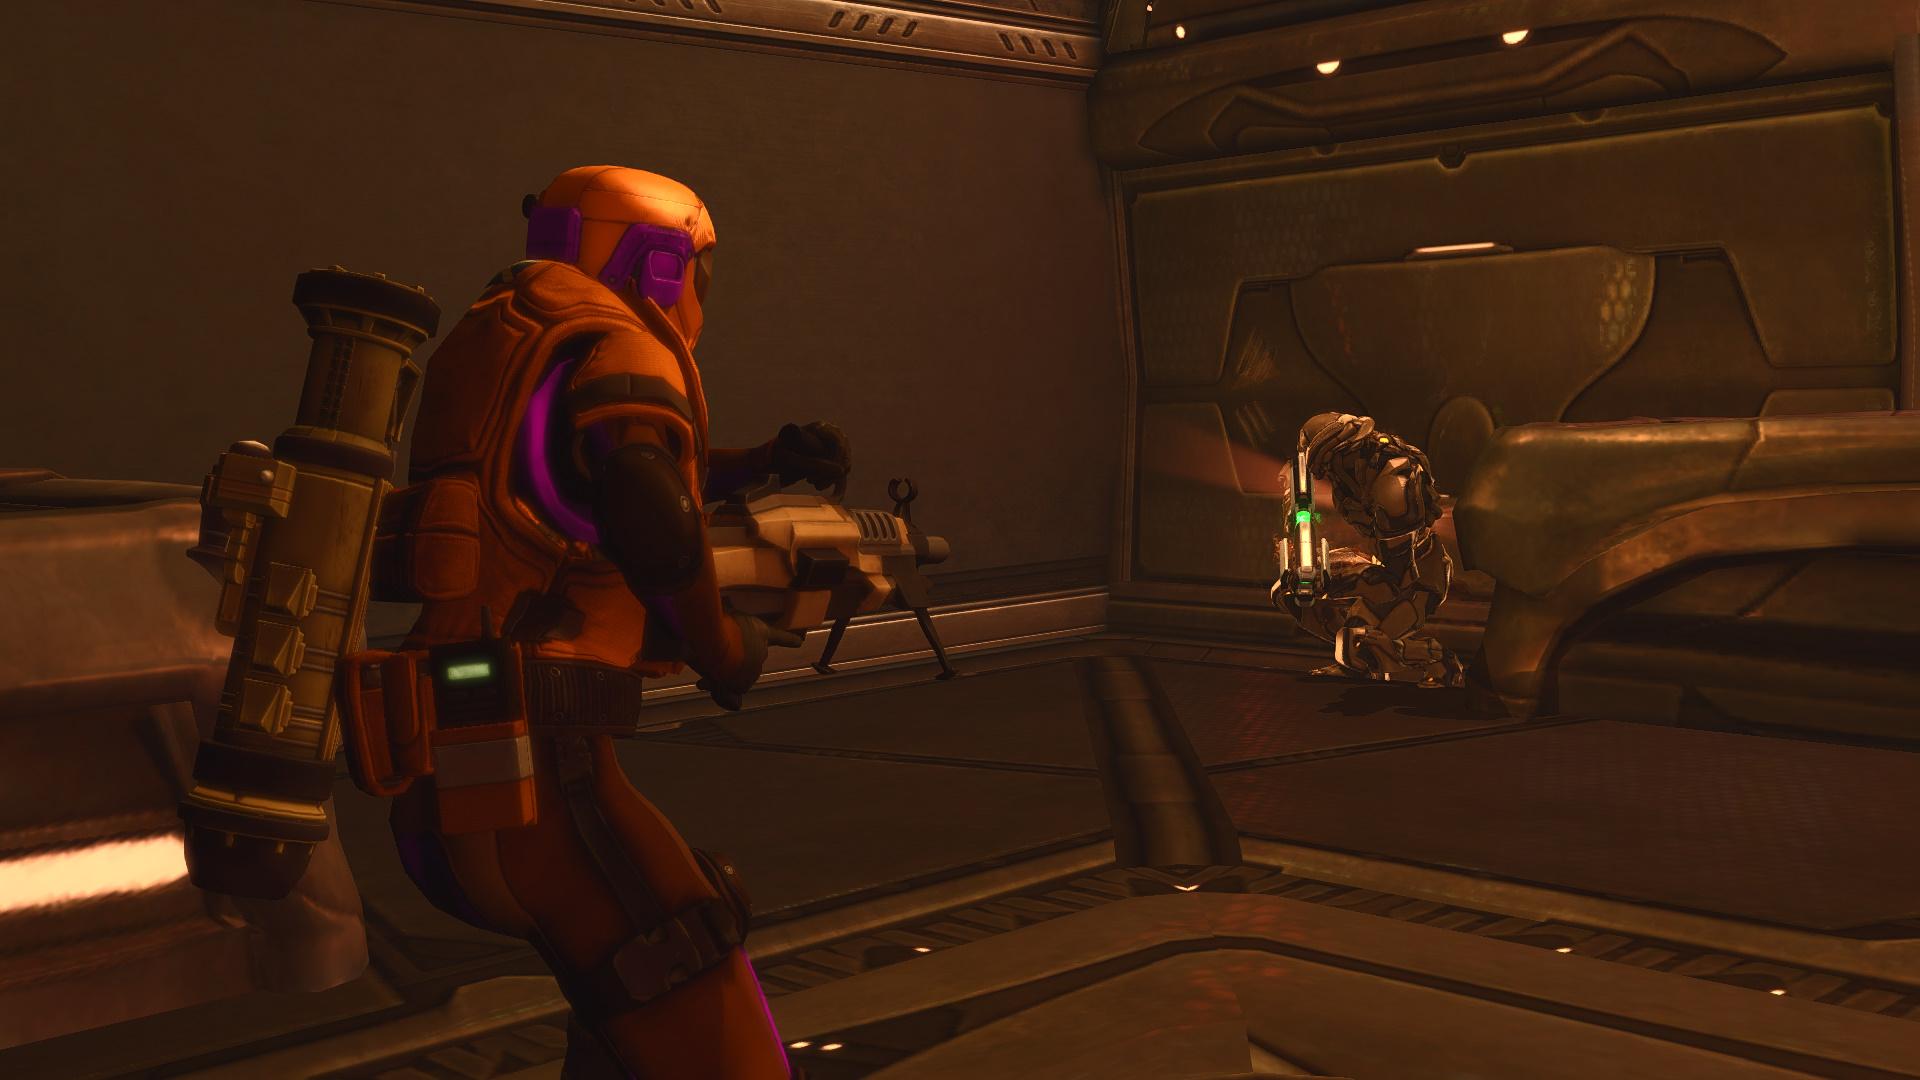 xcomgame 2017-09-05 00-43-29-393.jpg - XCOM: Enemy Unknown